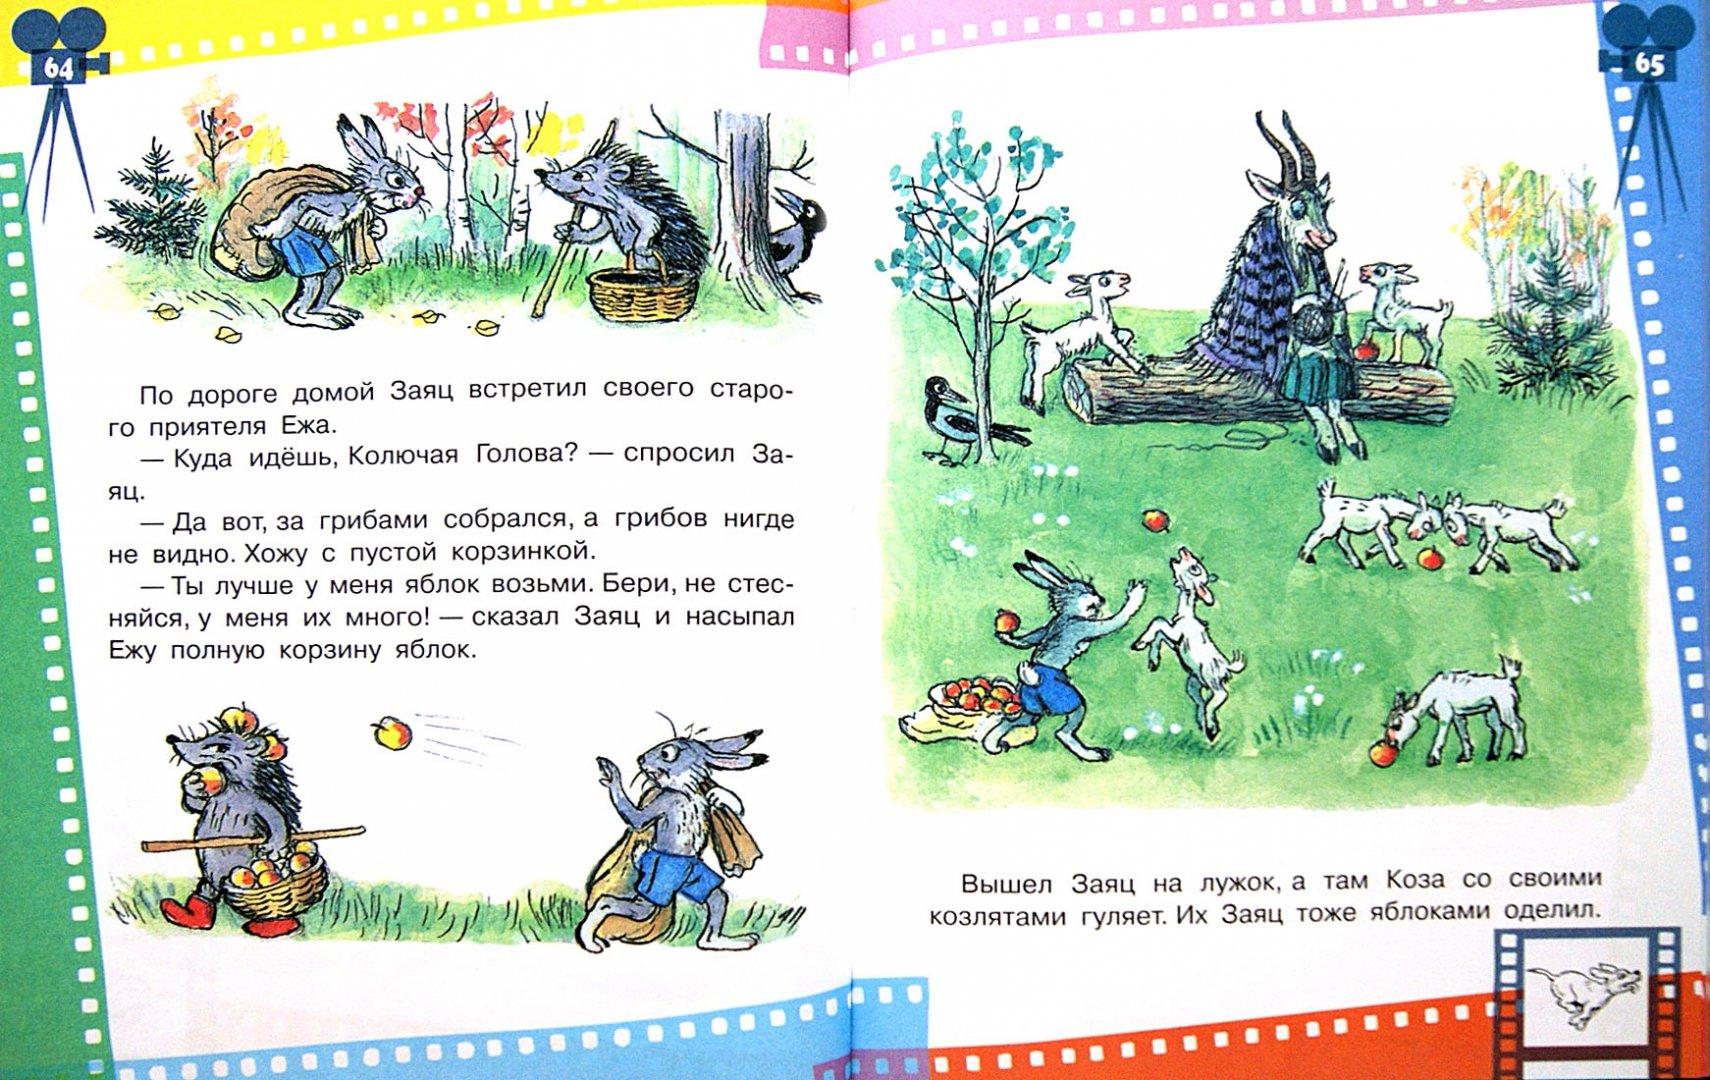 Иллюстрация 1 из 9 для Сказки-мультфильмы В. Сутеева - Владимир Сутеев   Лабиринт - книги. Источник: Лабиринт